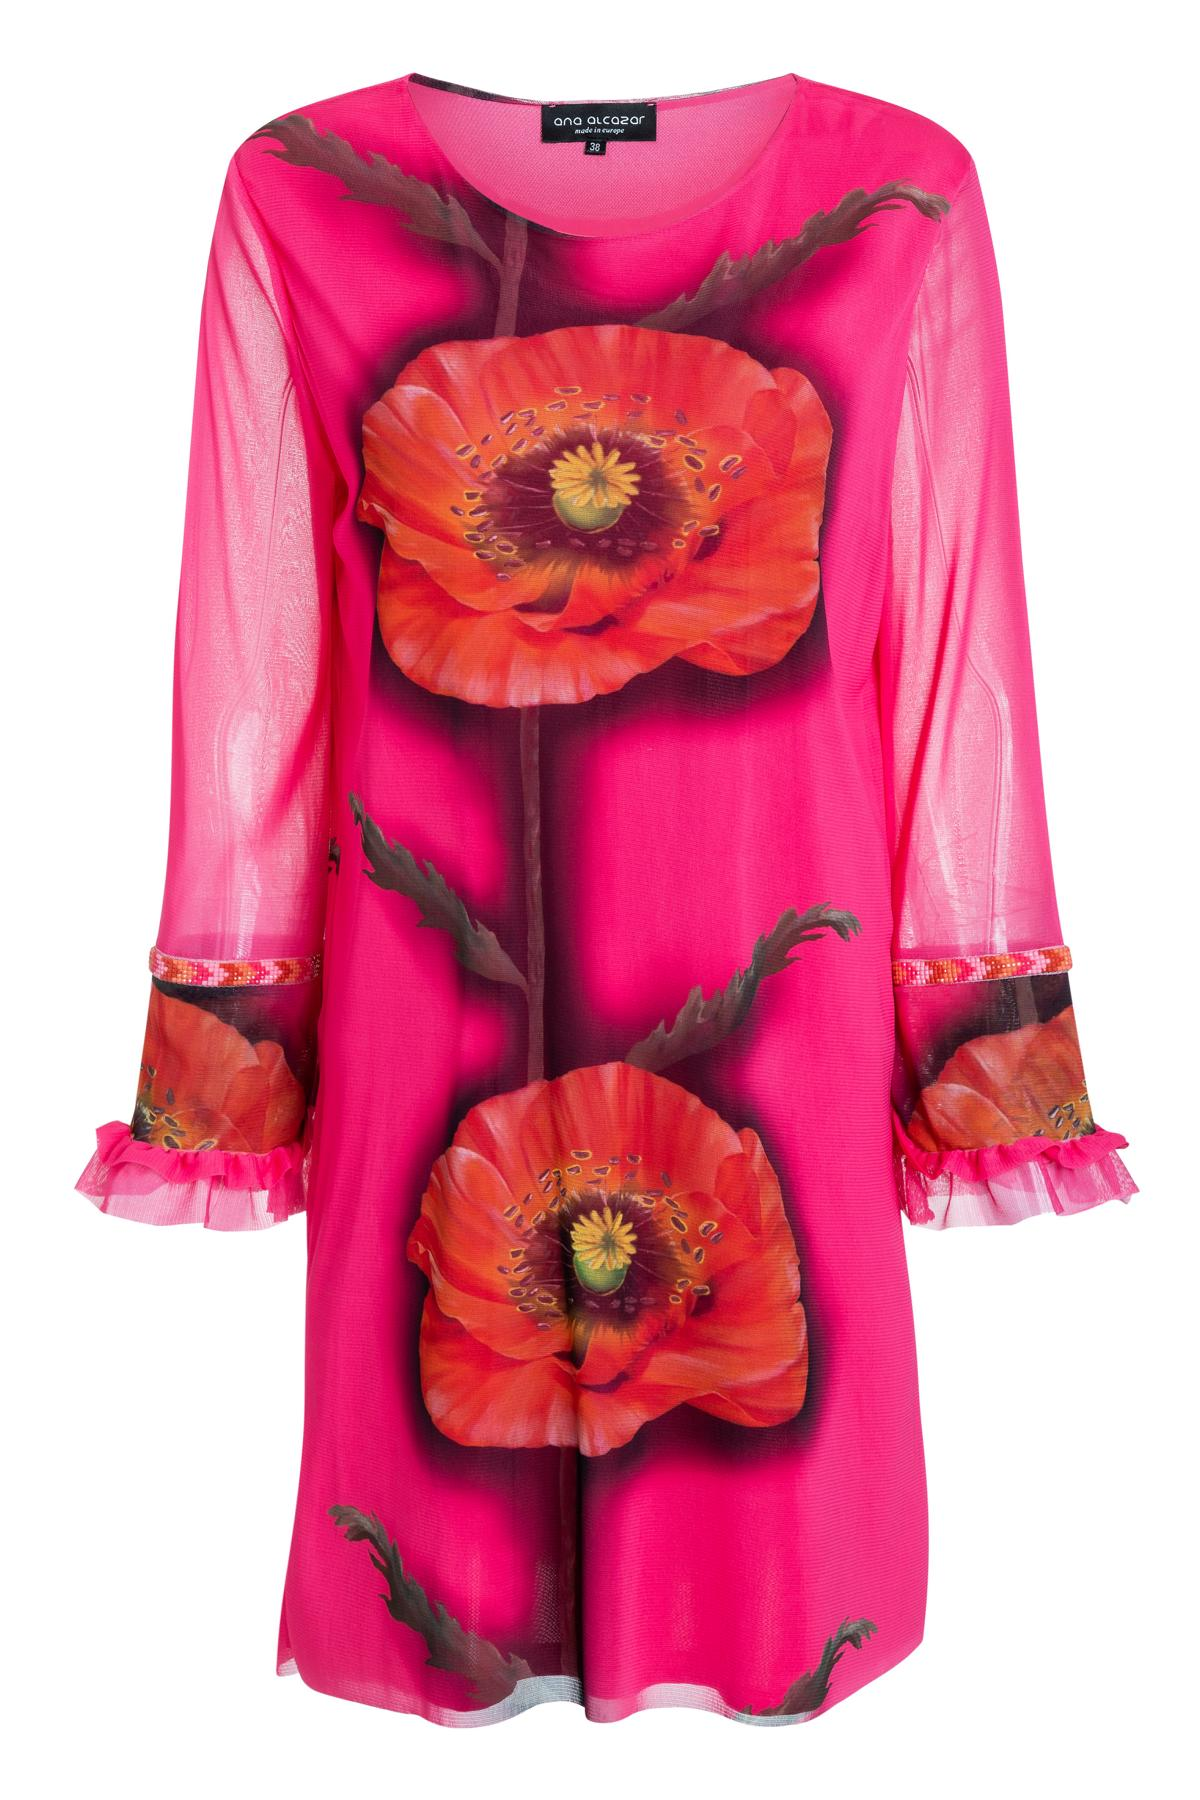 Ana Alcazar Longsleeve Dress Siany